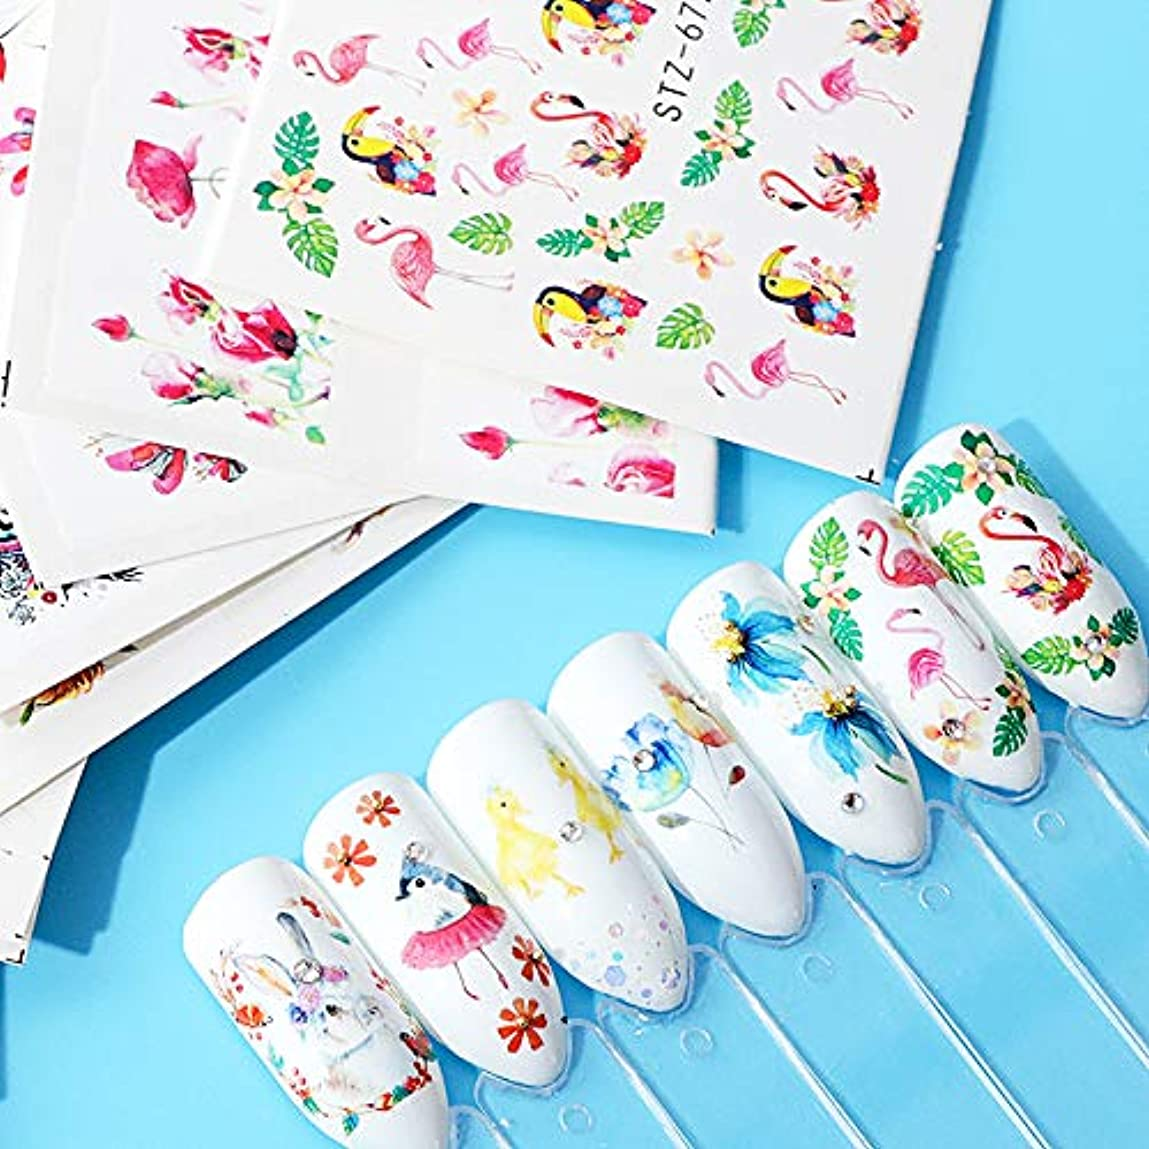 良心やめるペイントSUKTI&XIAO ネイルステッカー 15ピースネイルアート水デカールステッカー熱帯の入れ墨スライダー動物花デザイン装飾マニキュア